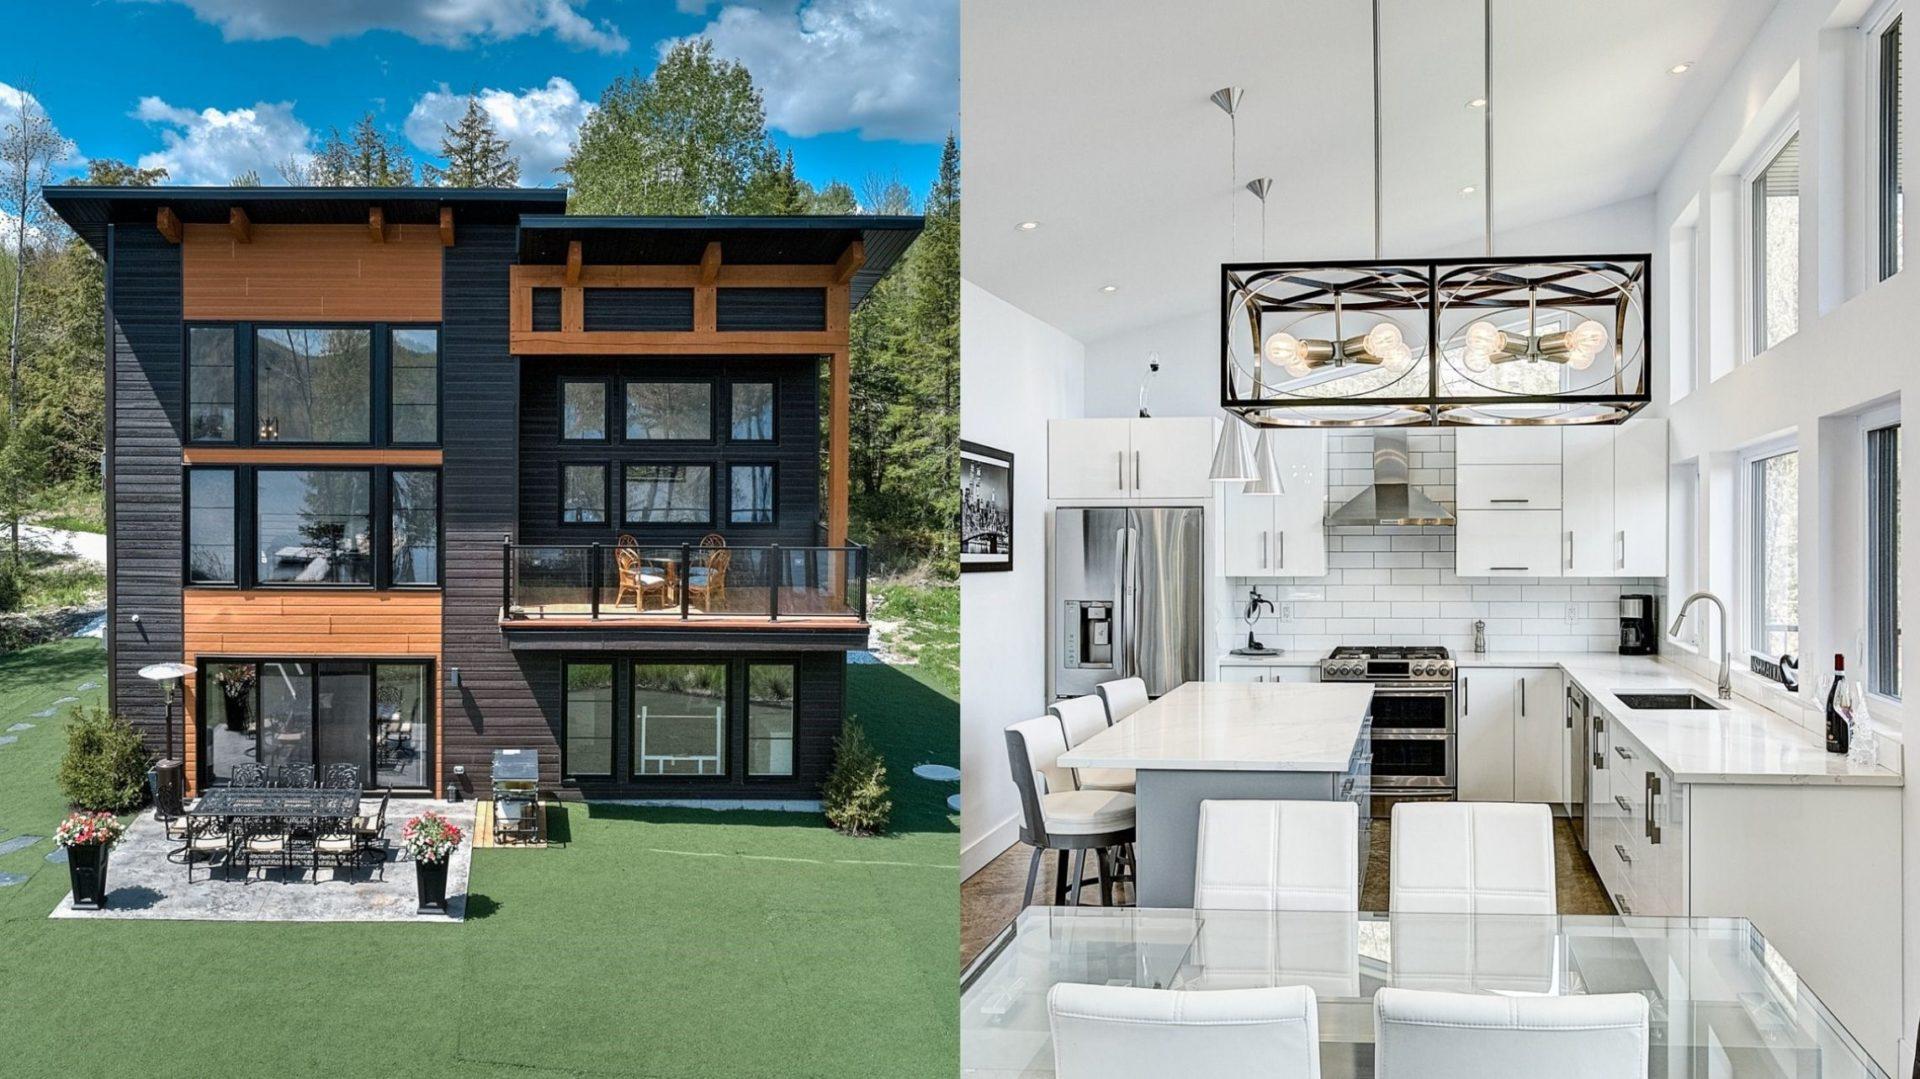 Cette magnifique maison d'Orford est en vente à 1,75M$ et elle est parfaite pour les amoureux de la nature!